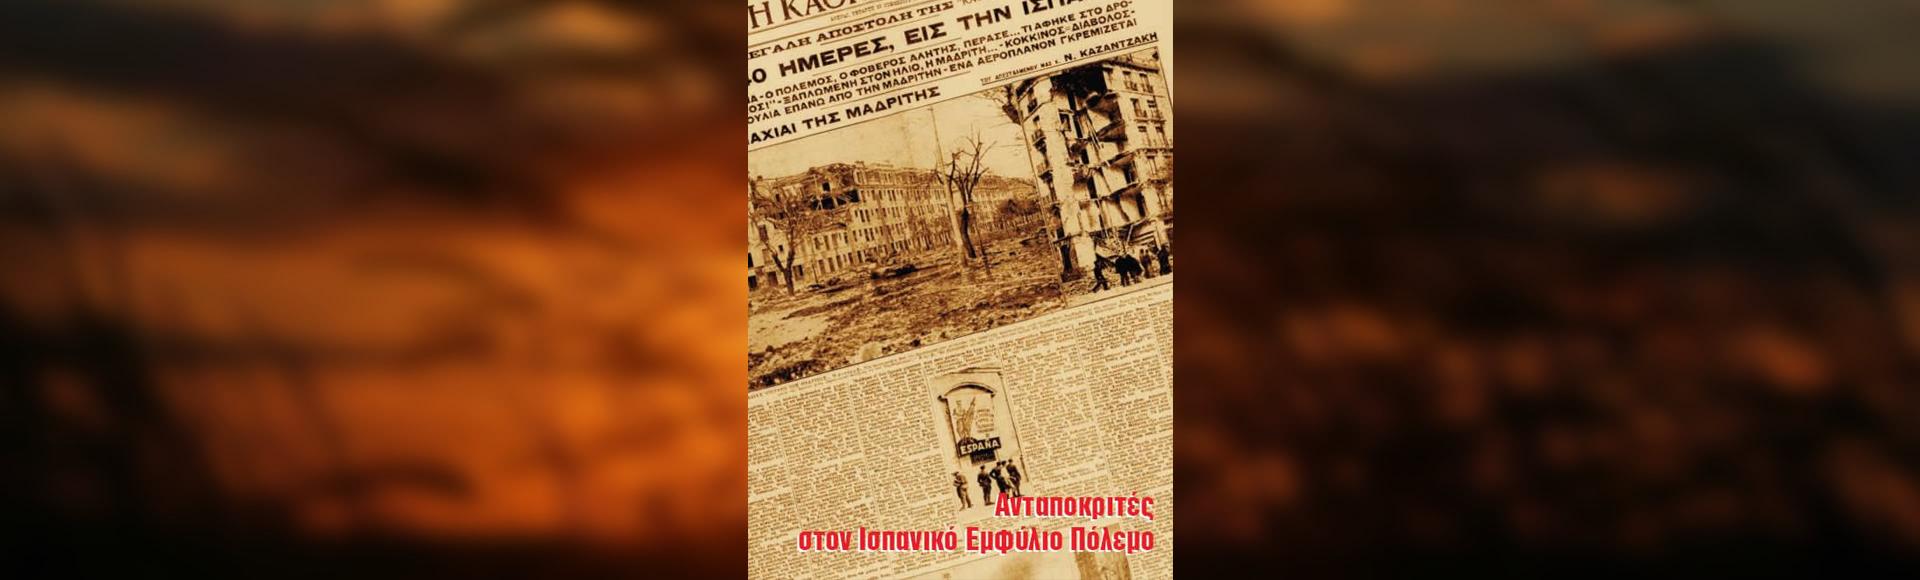 Ανταποκριτές στον Ισπανικό Εμφύλιο Πόλεμο